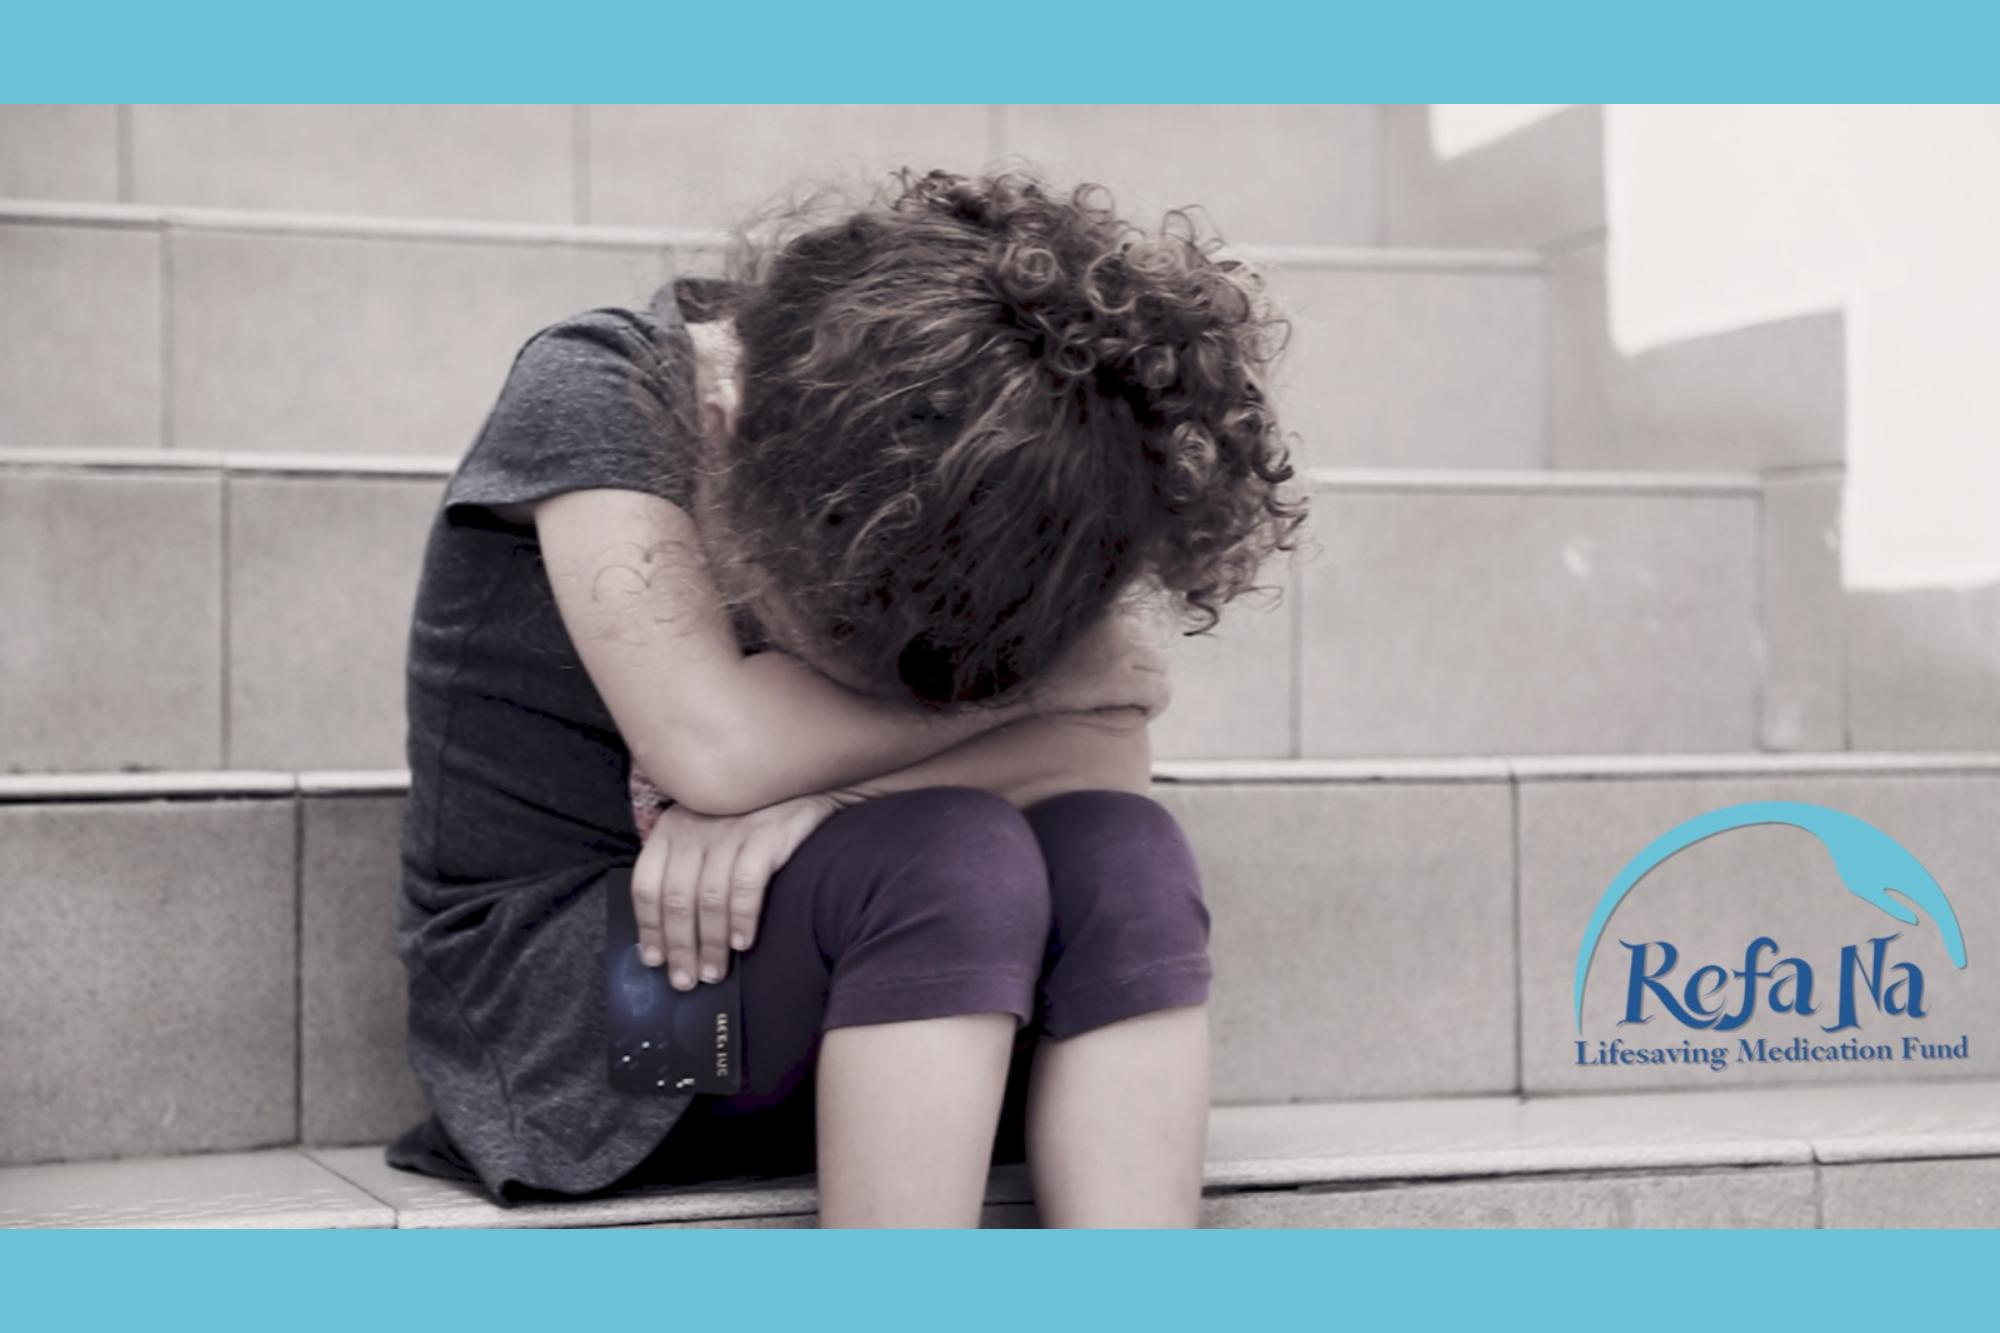 Refa Na – Lifesaving Medication Fund